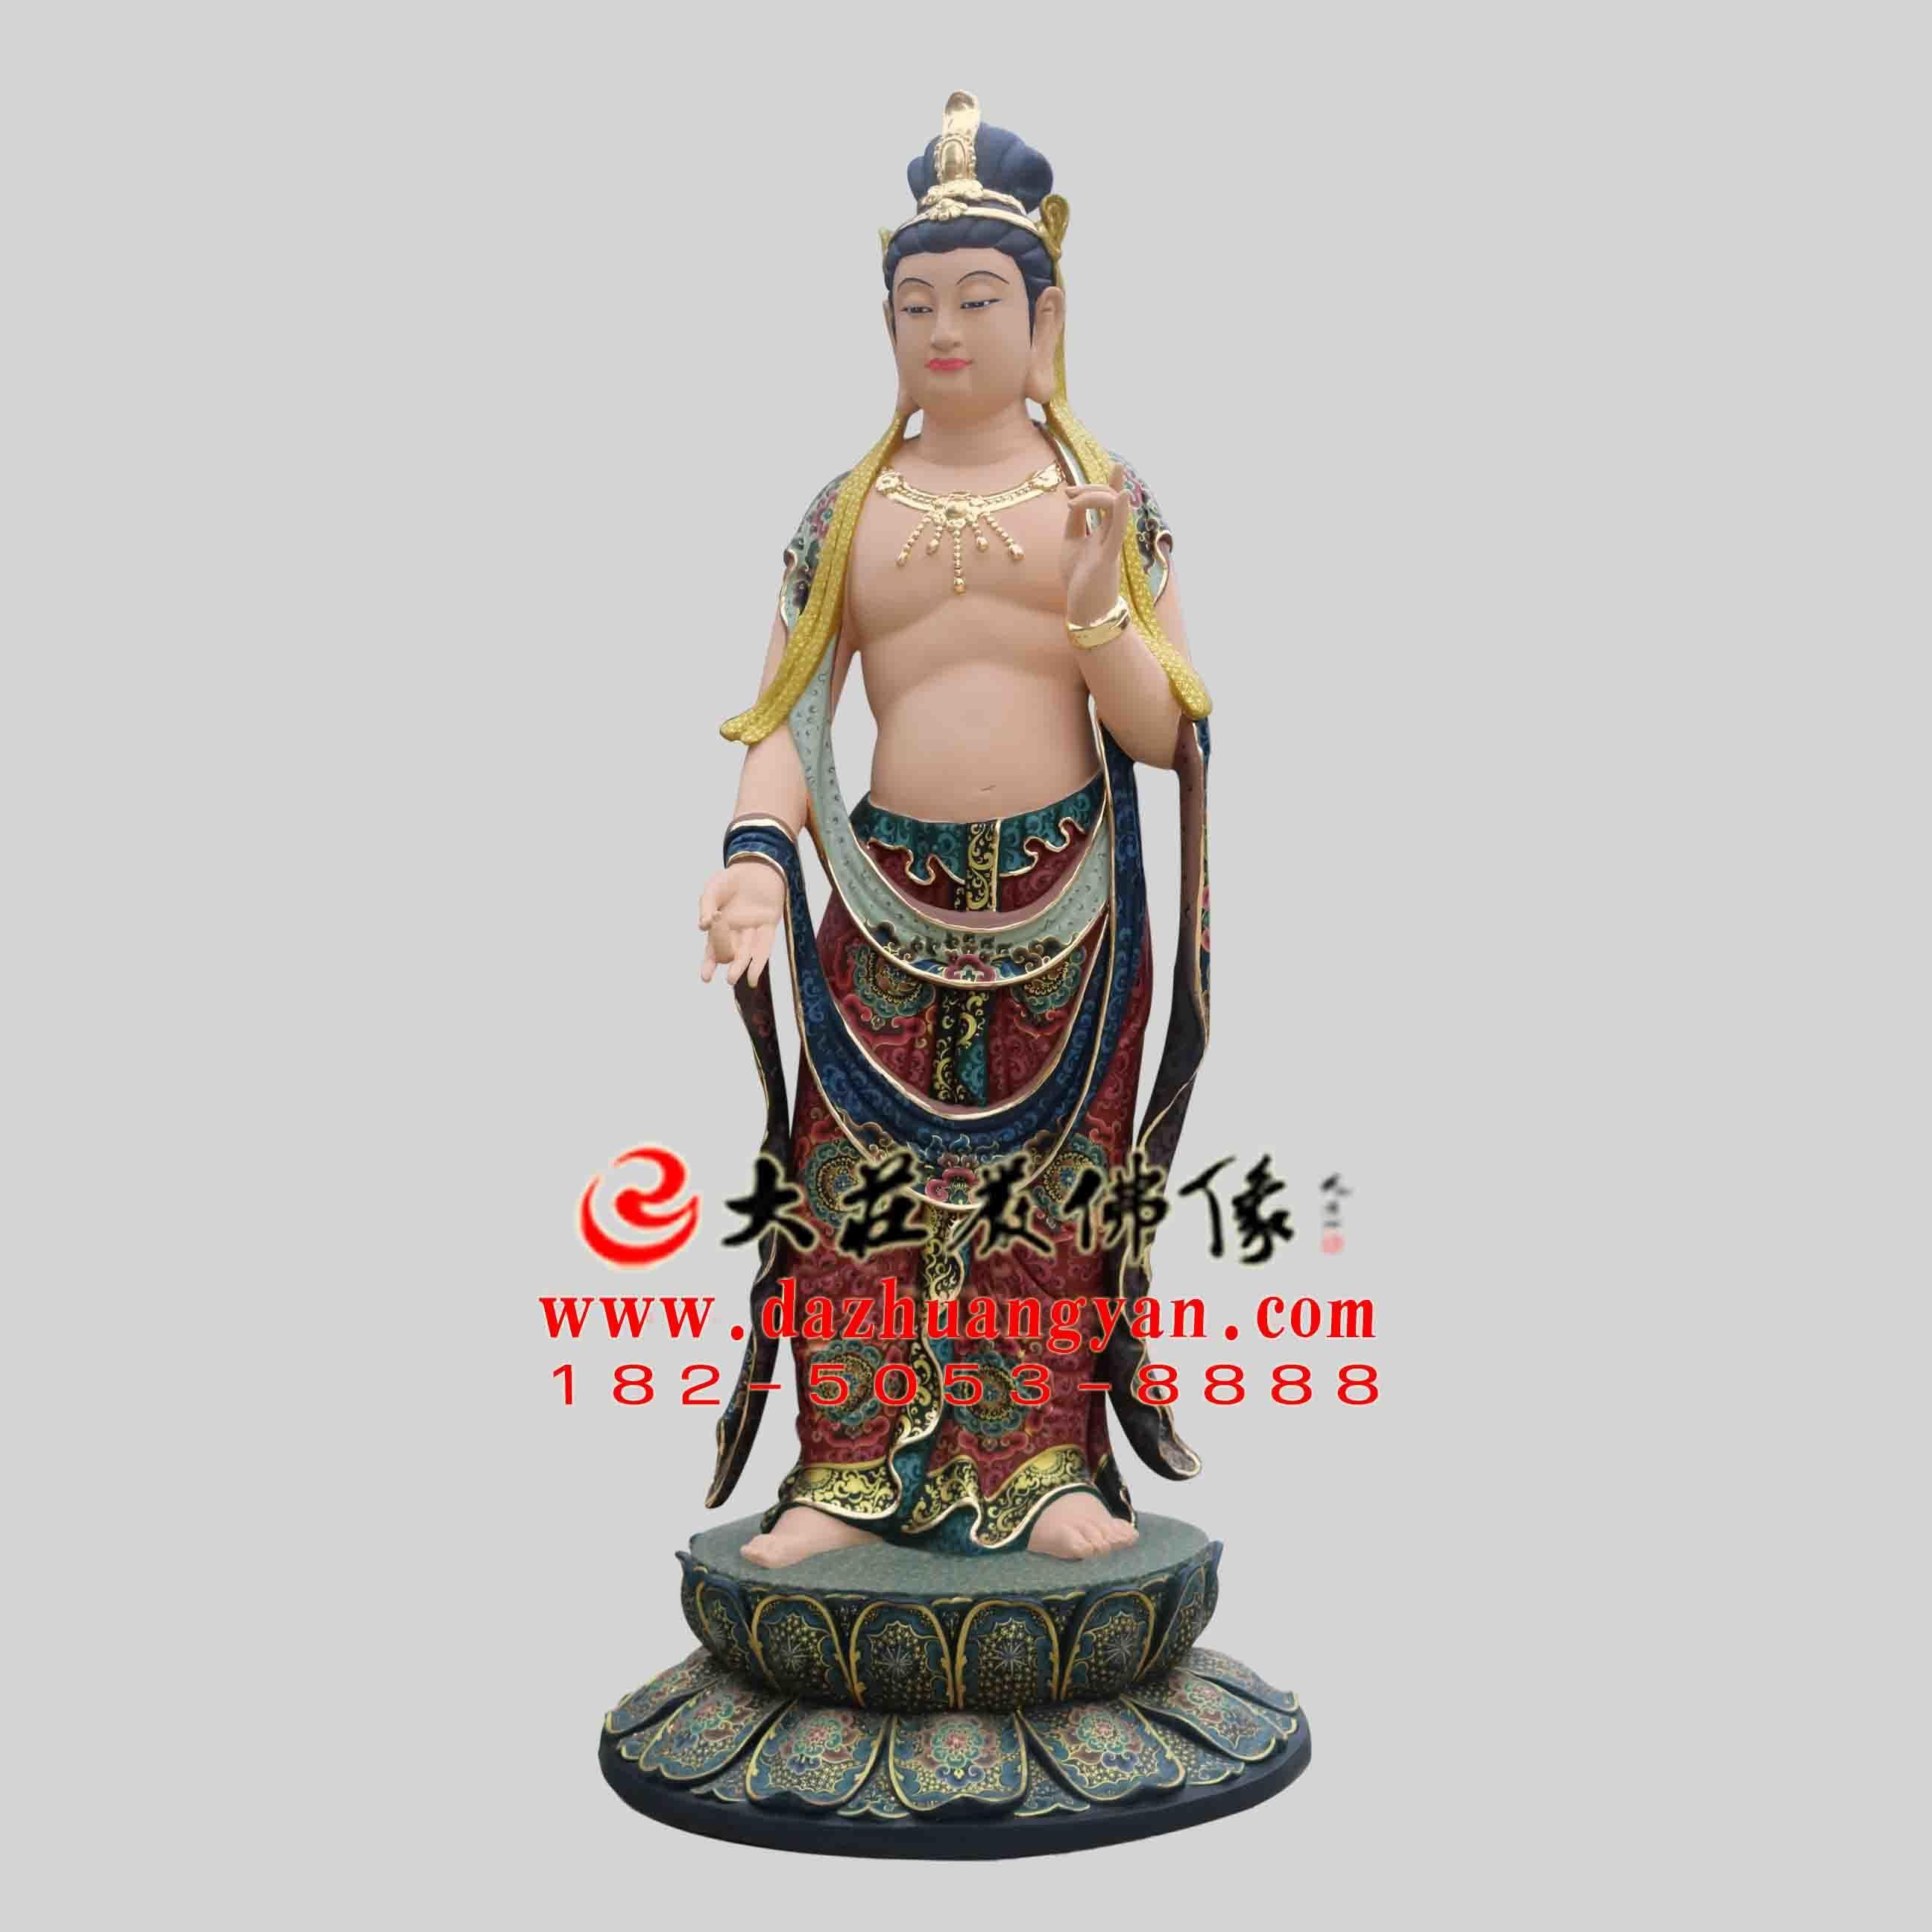 彩绘描金药师佛左协持日光菩萨塑像 东方三圣佛像定制